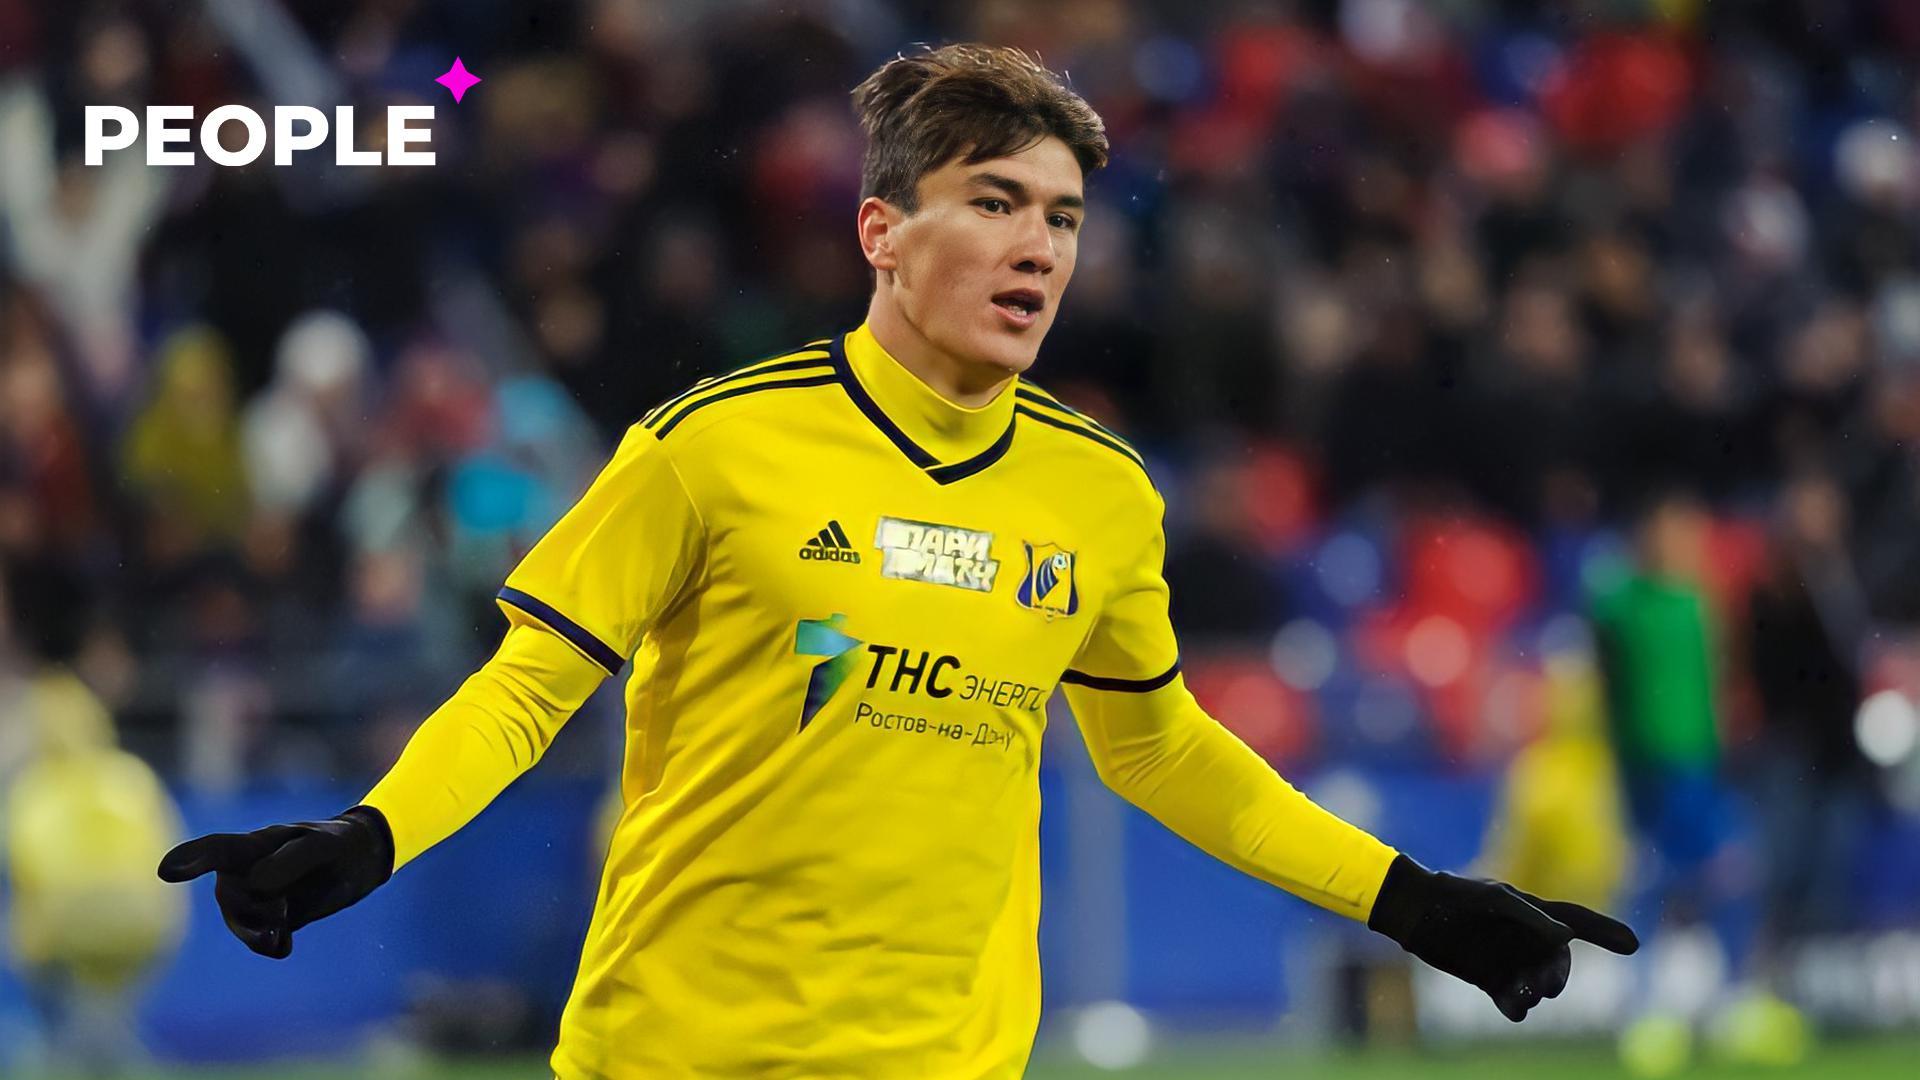 Гранды европейского футбола борются за контракт с Эльдором Шомуродовым